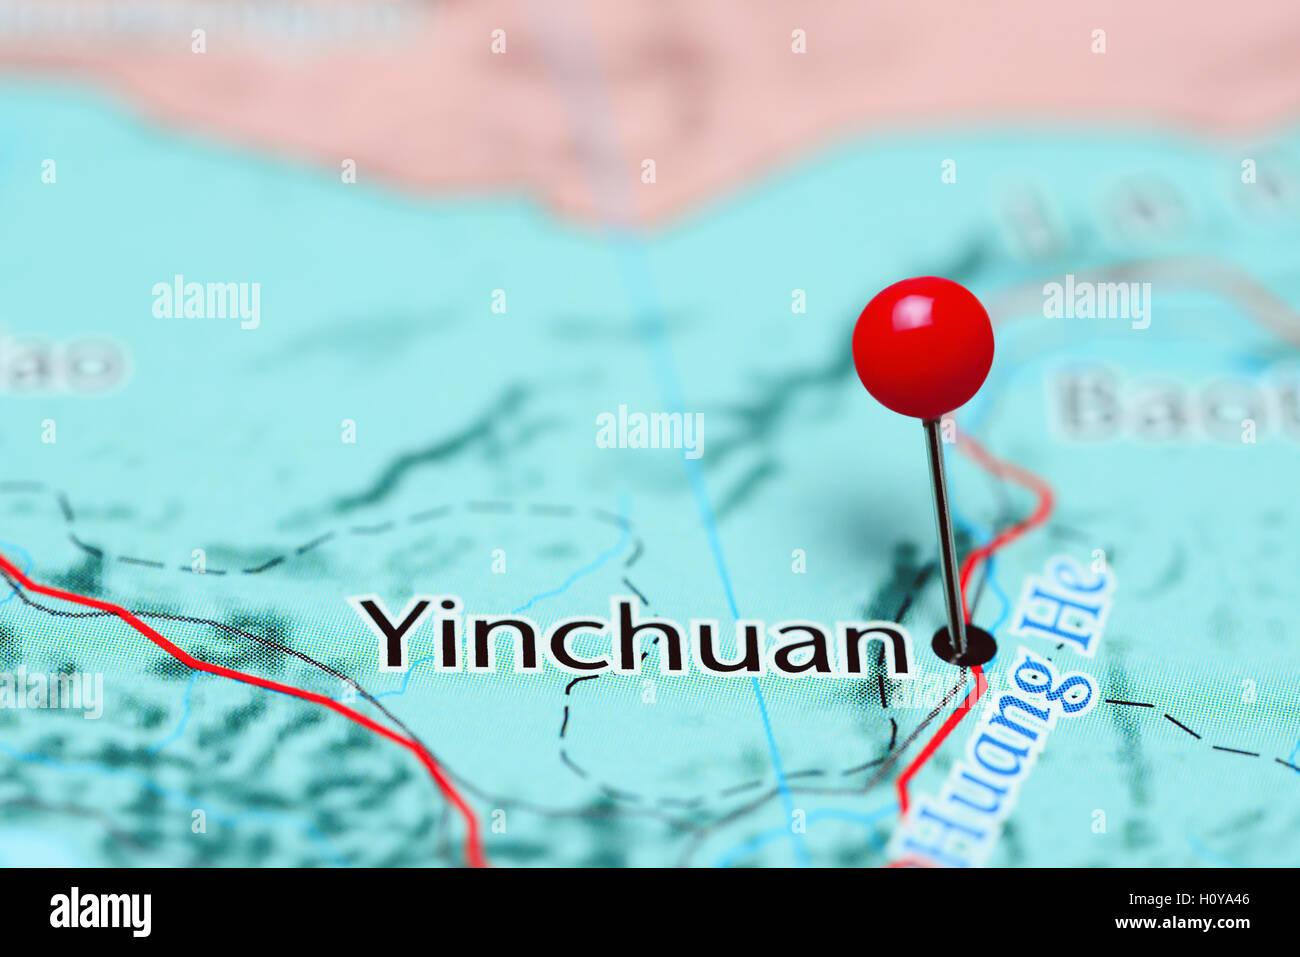 Yinchuan épinglée sur une carte de Chine Banque D'Images